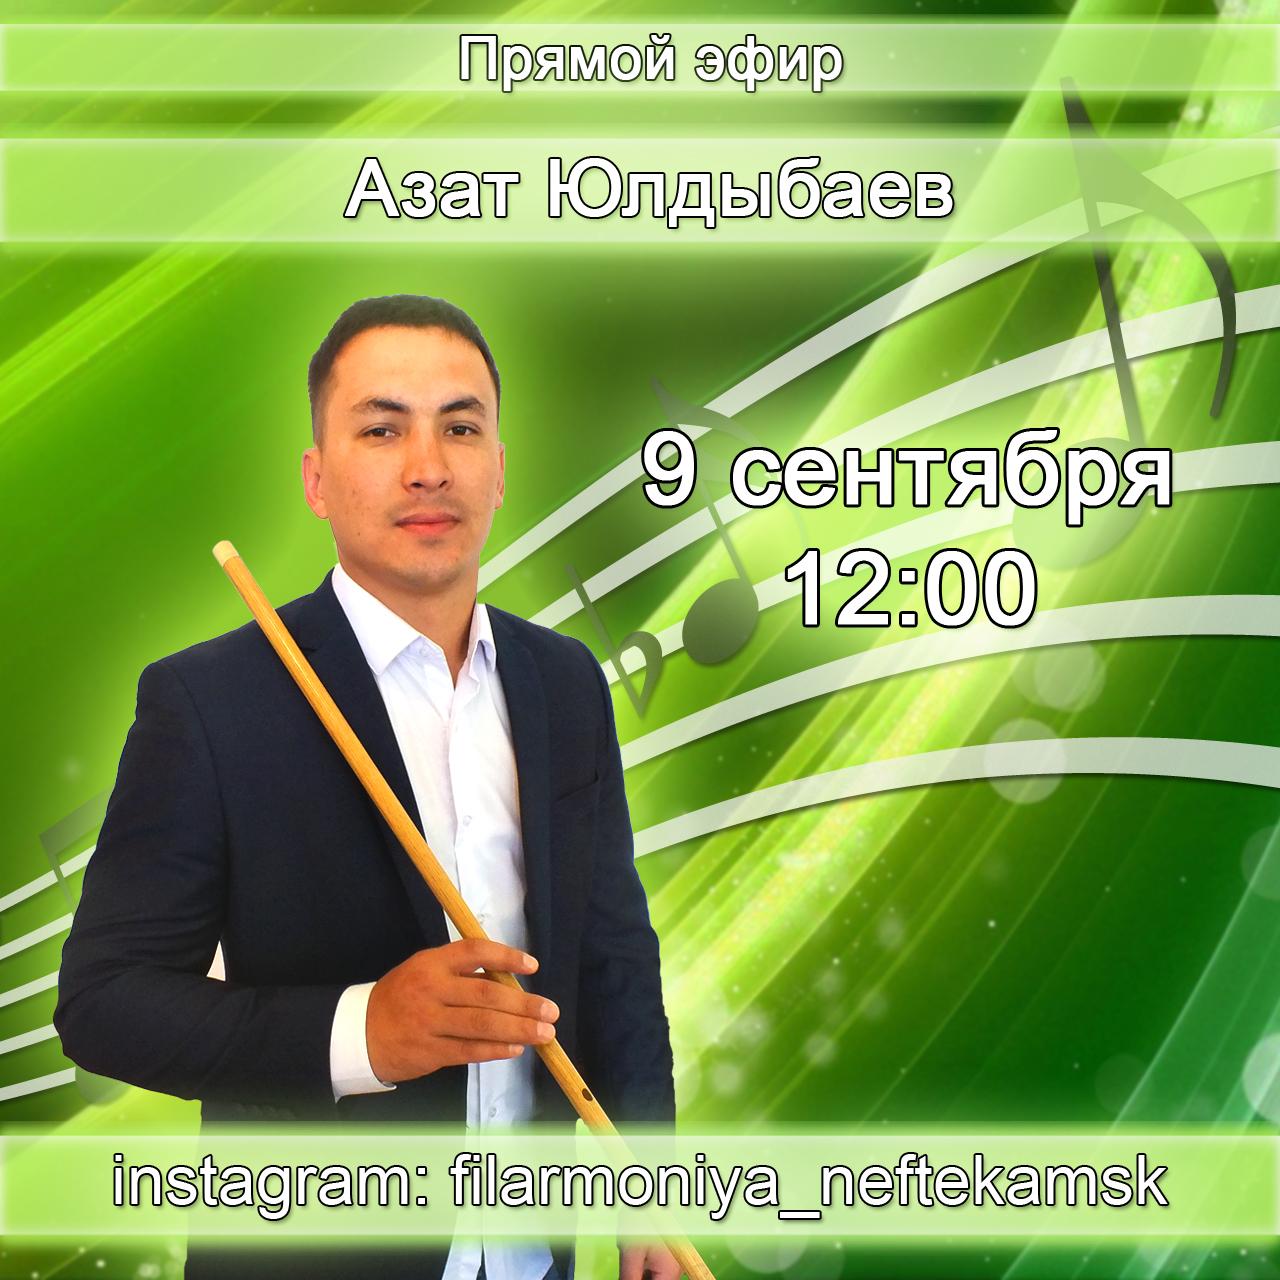 Прямой эфир Азата Юлдыбаева